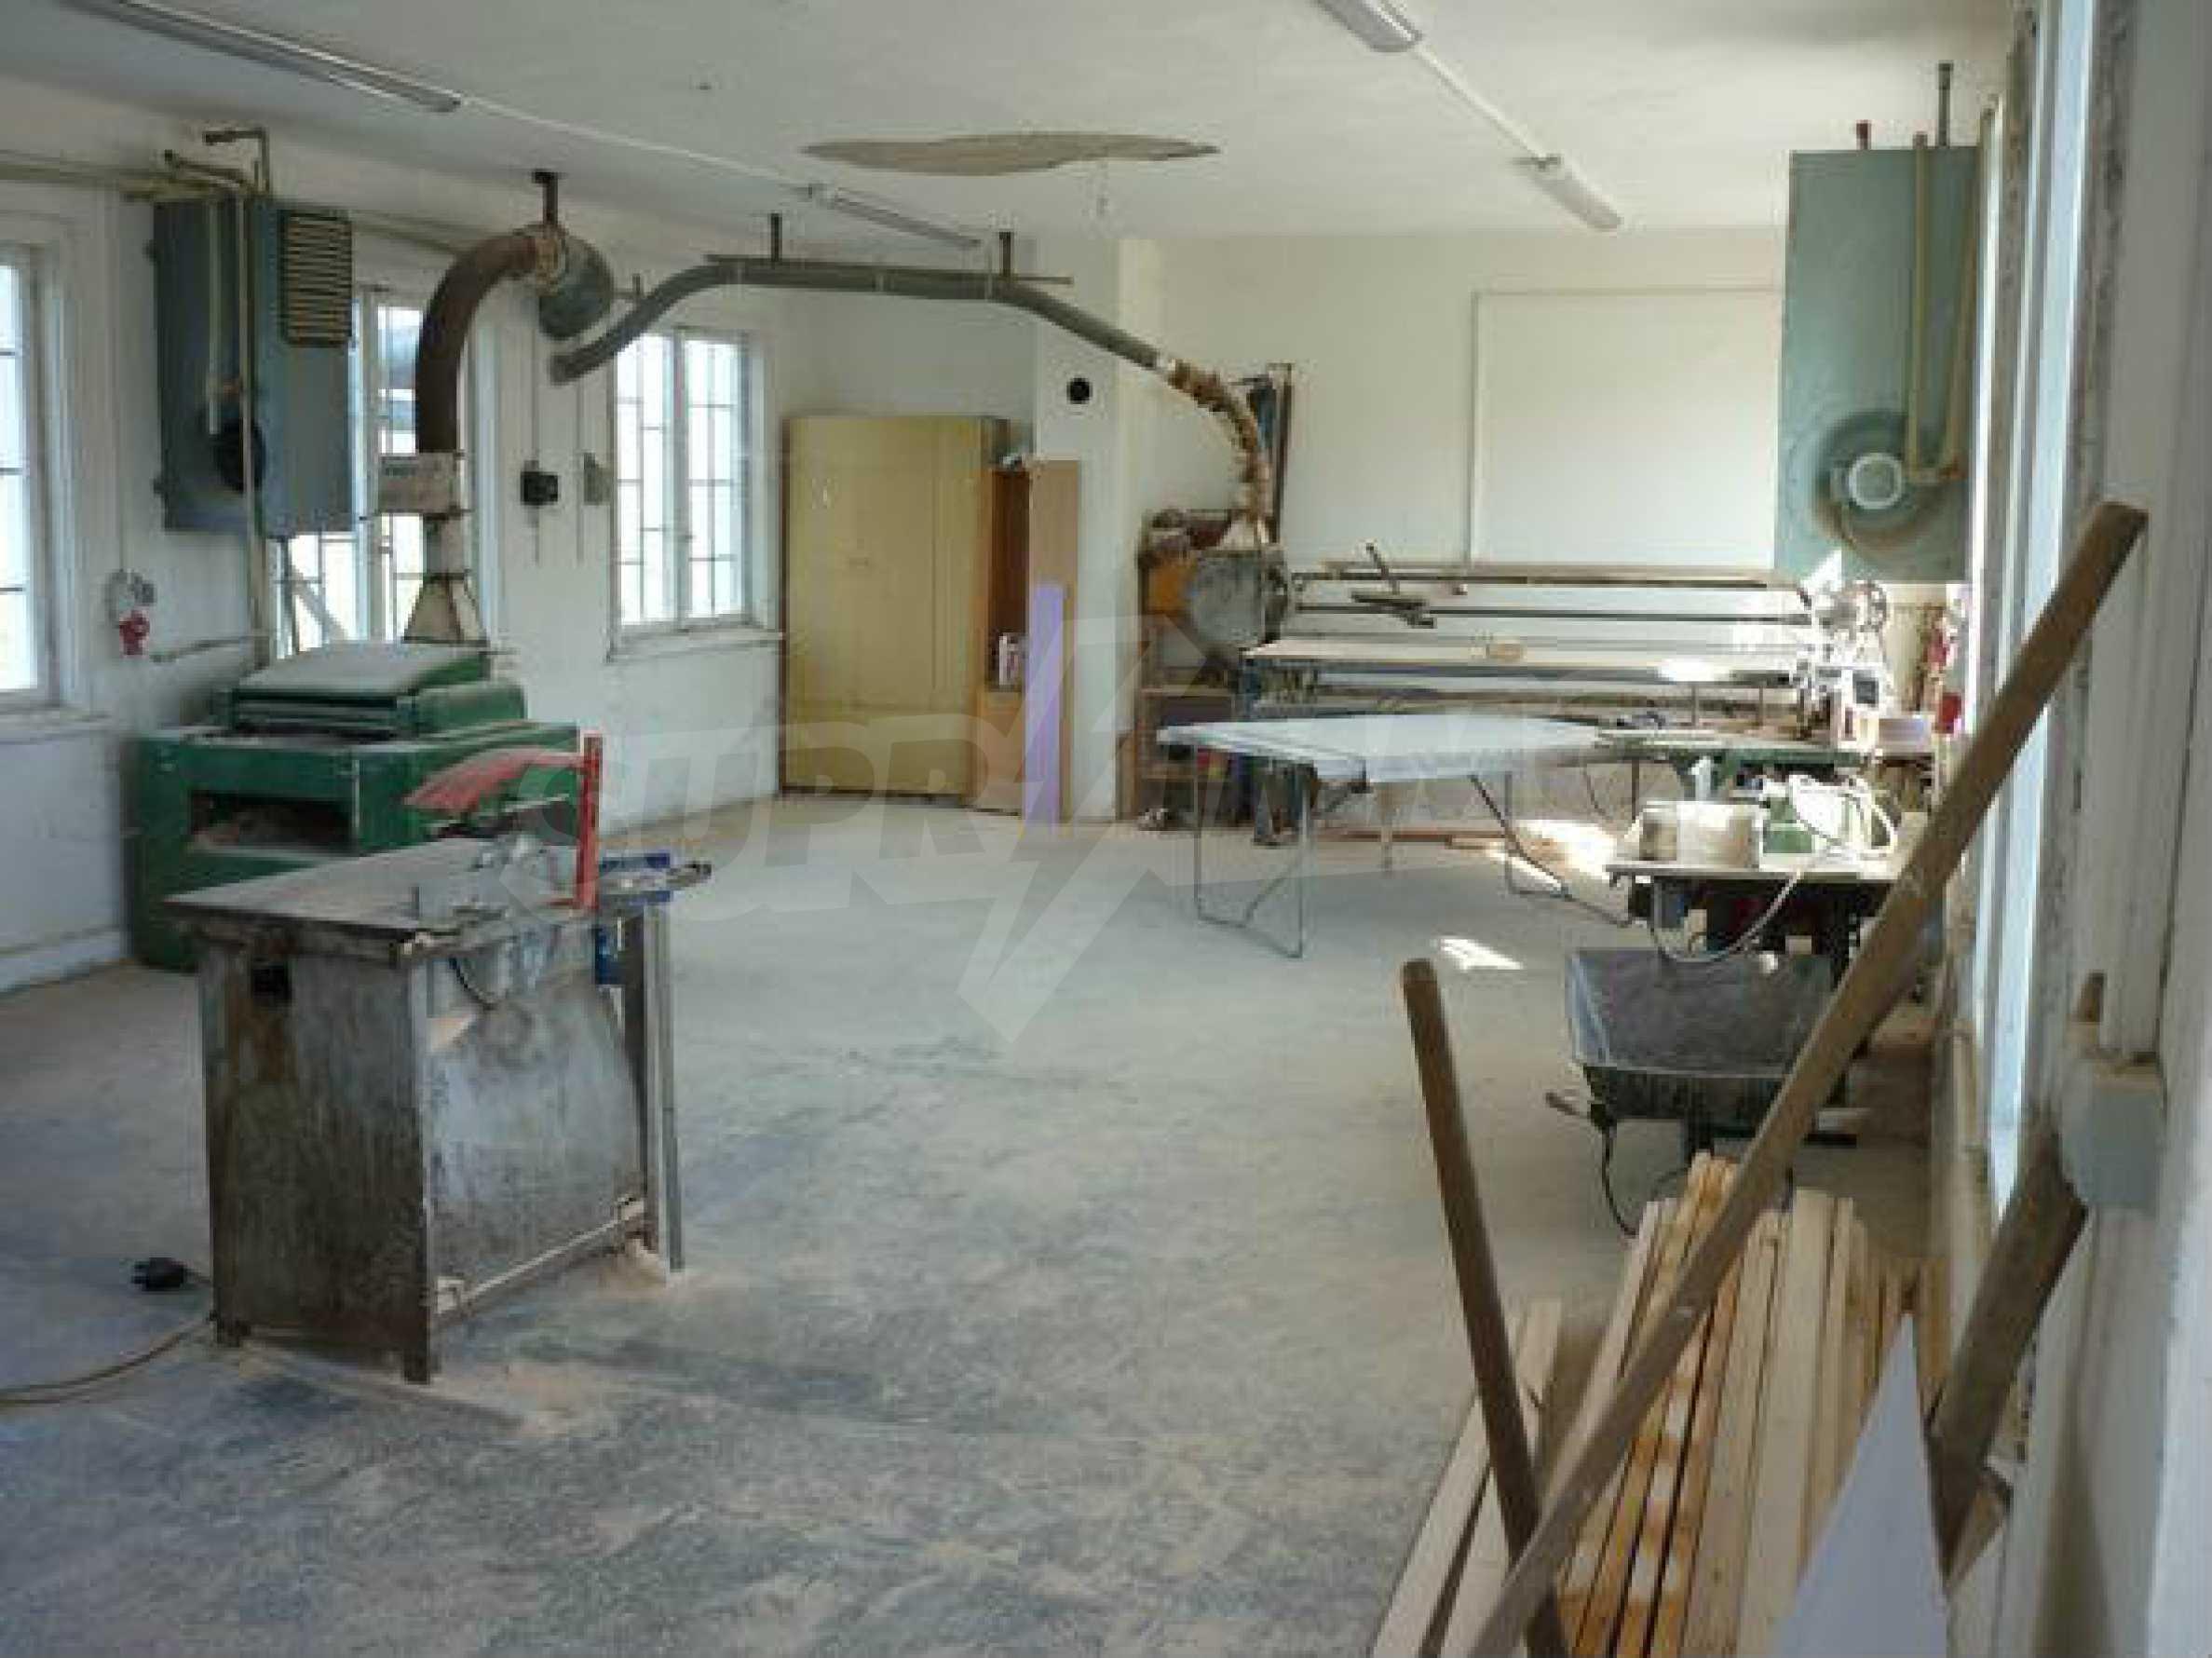 Industriegelände in einem Dorf 6 km von der Stadt Lovech entfernt 10